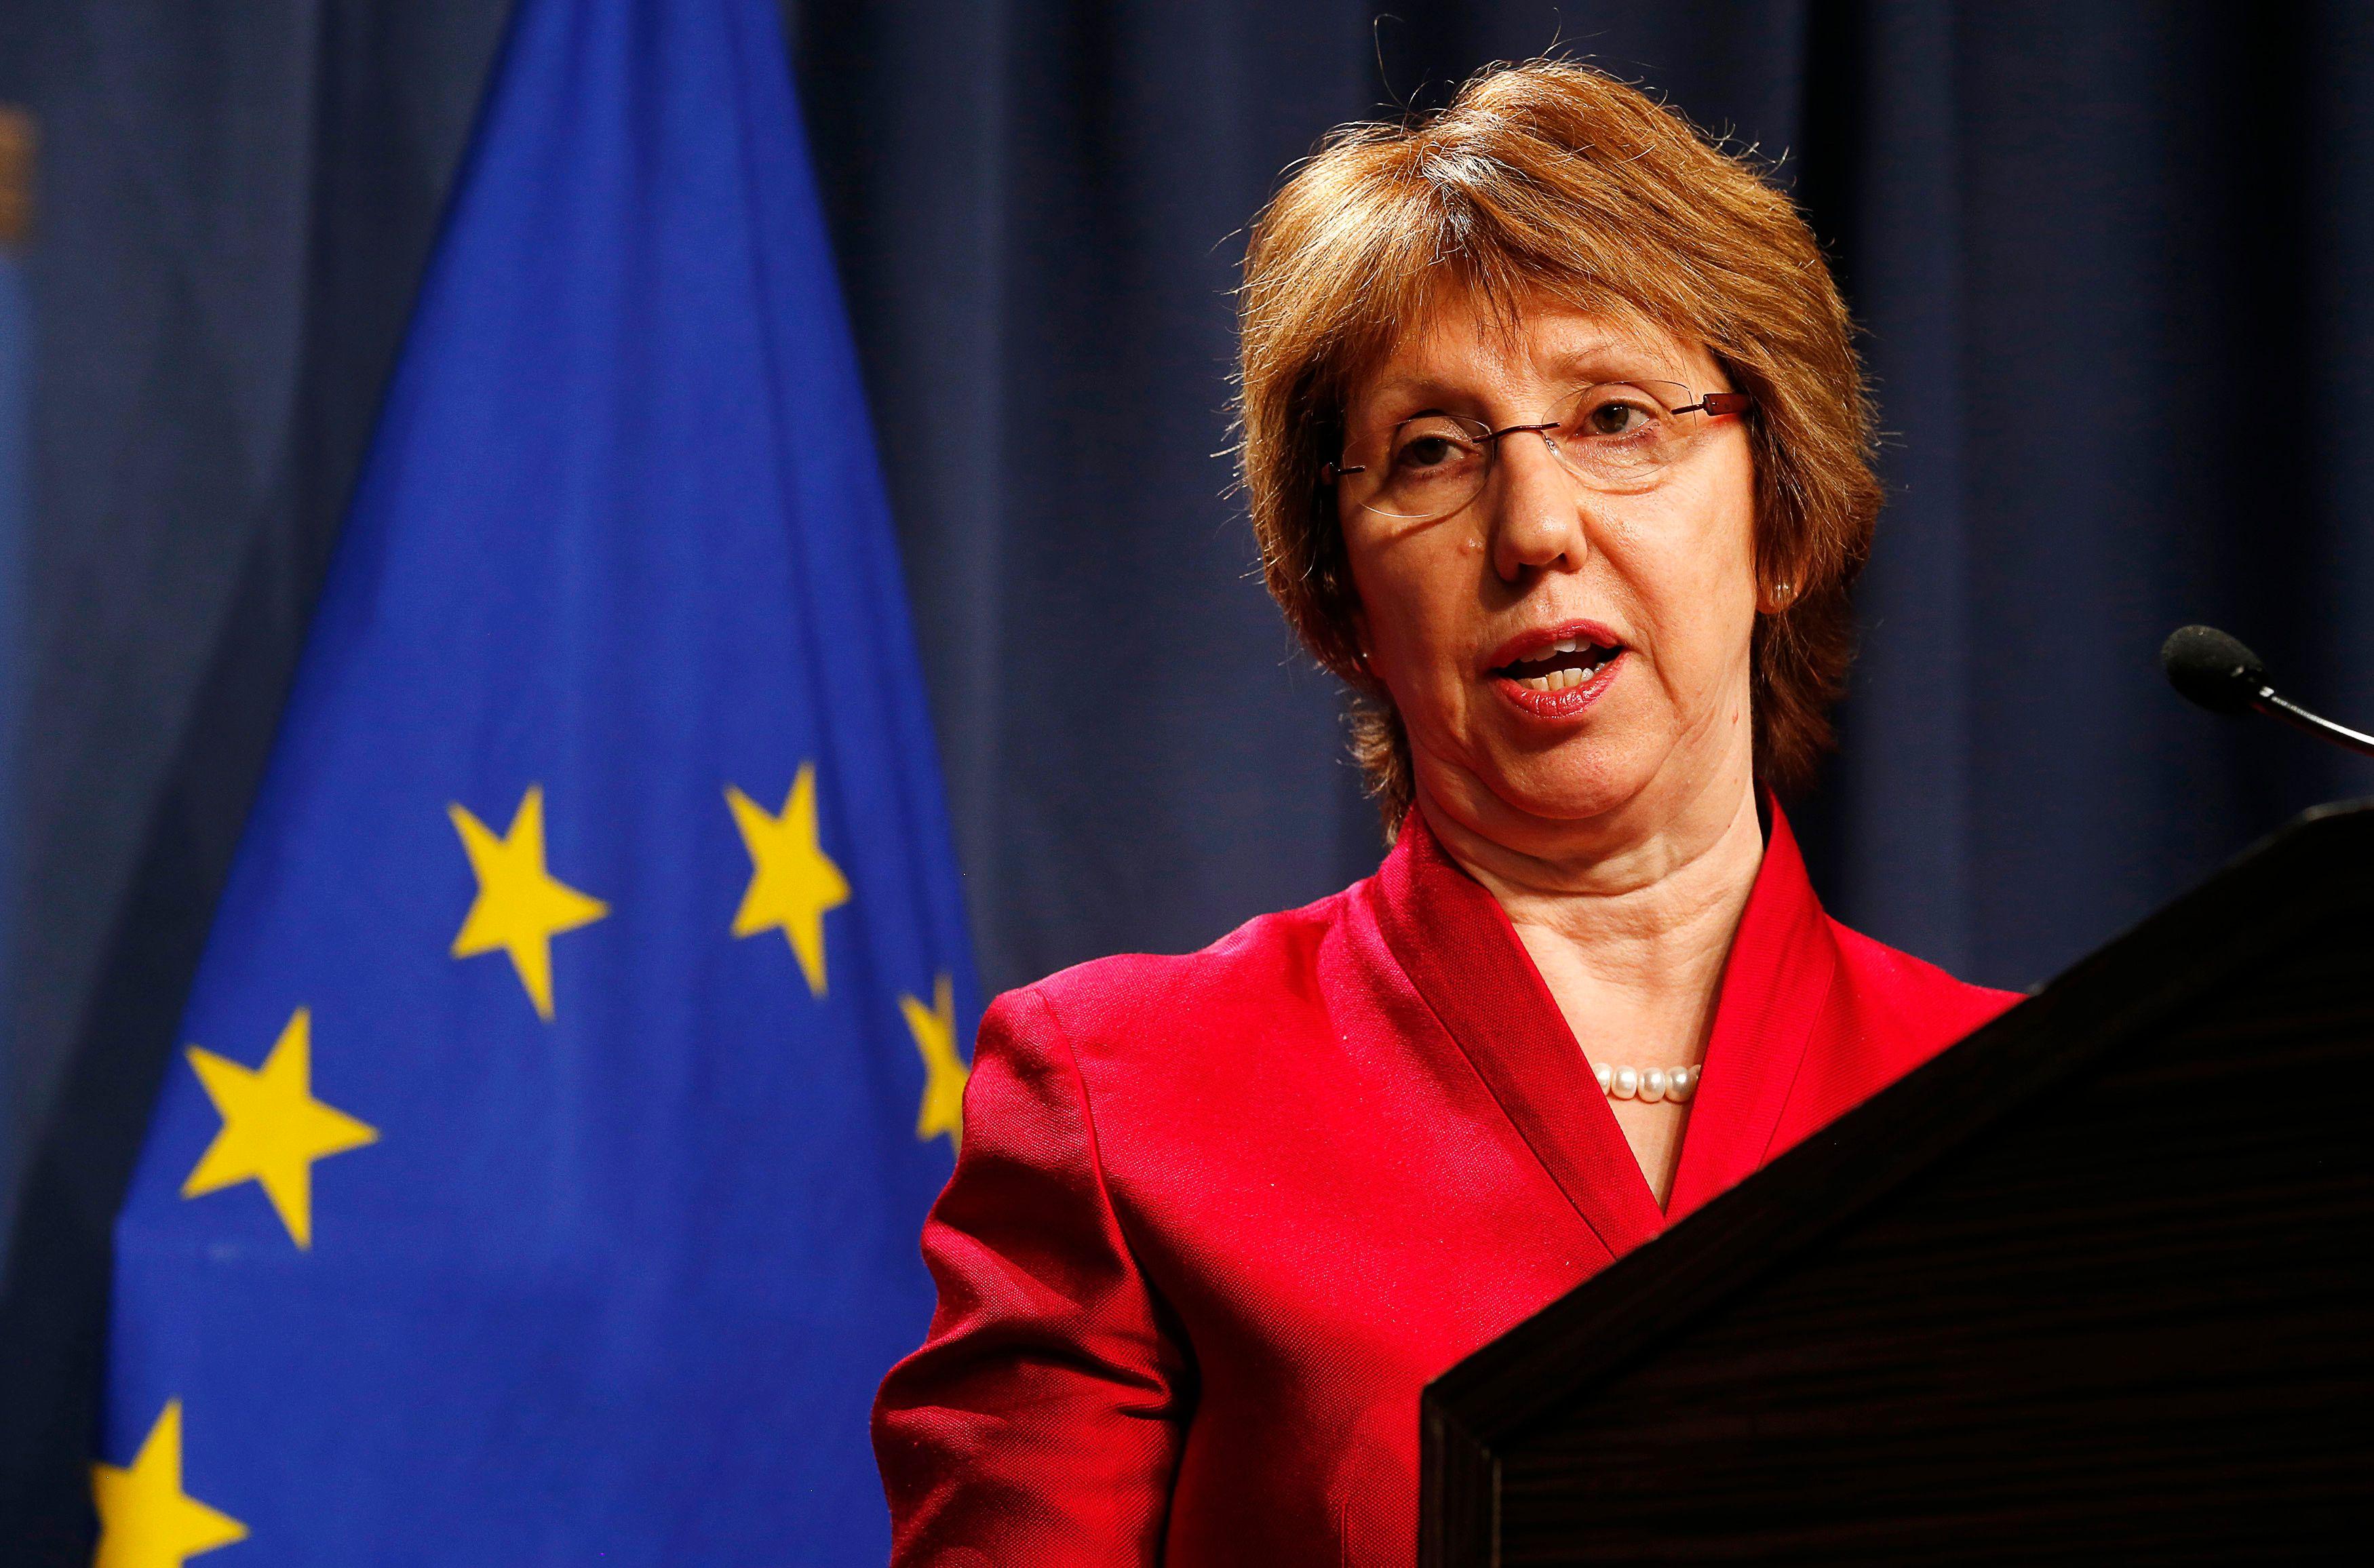 Ce samedi 30 août, Catherine Ashton, la chef de la diplomatie européenne arrive en fin de mandat